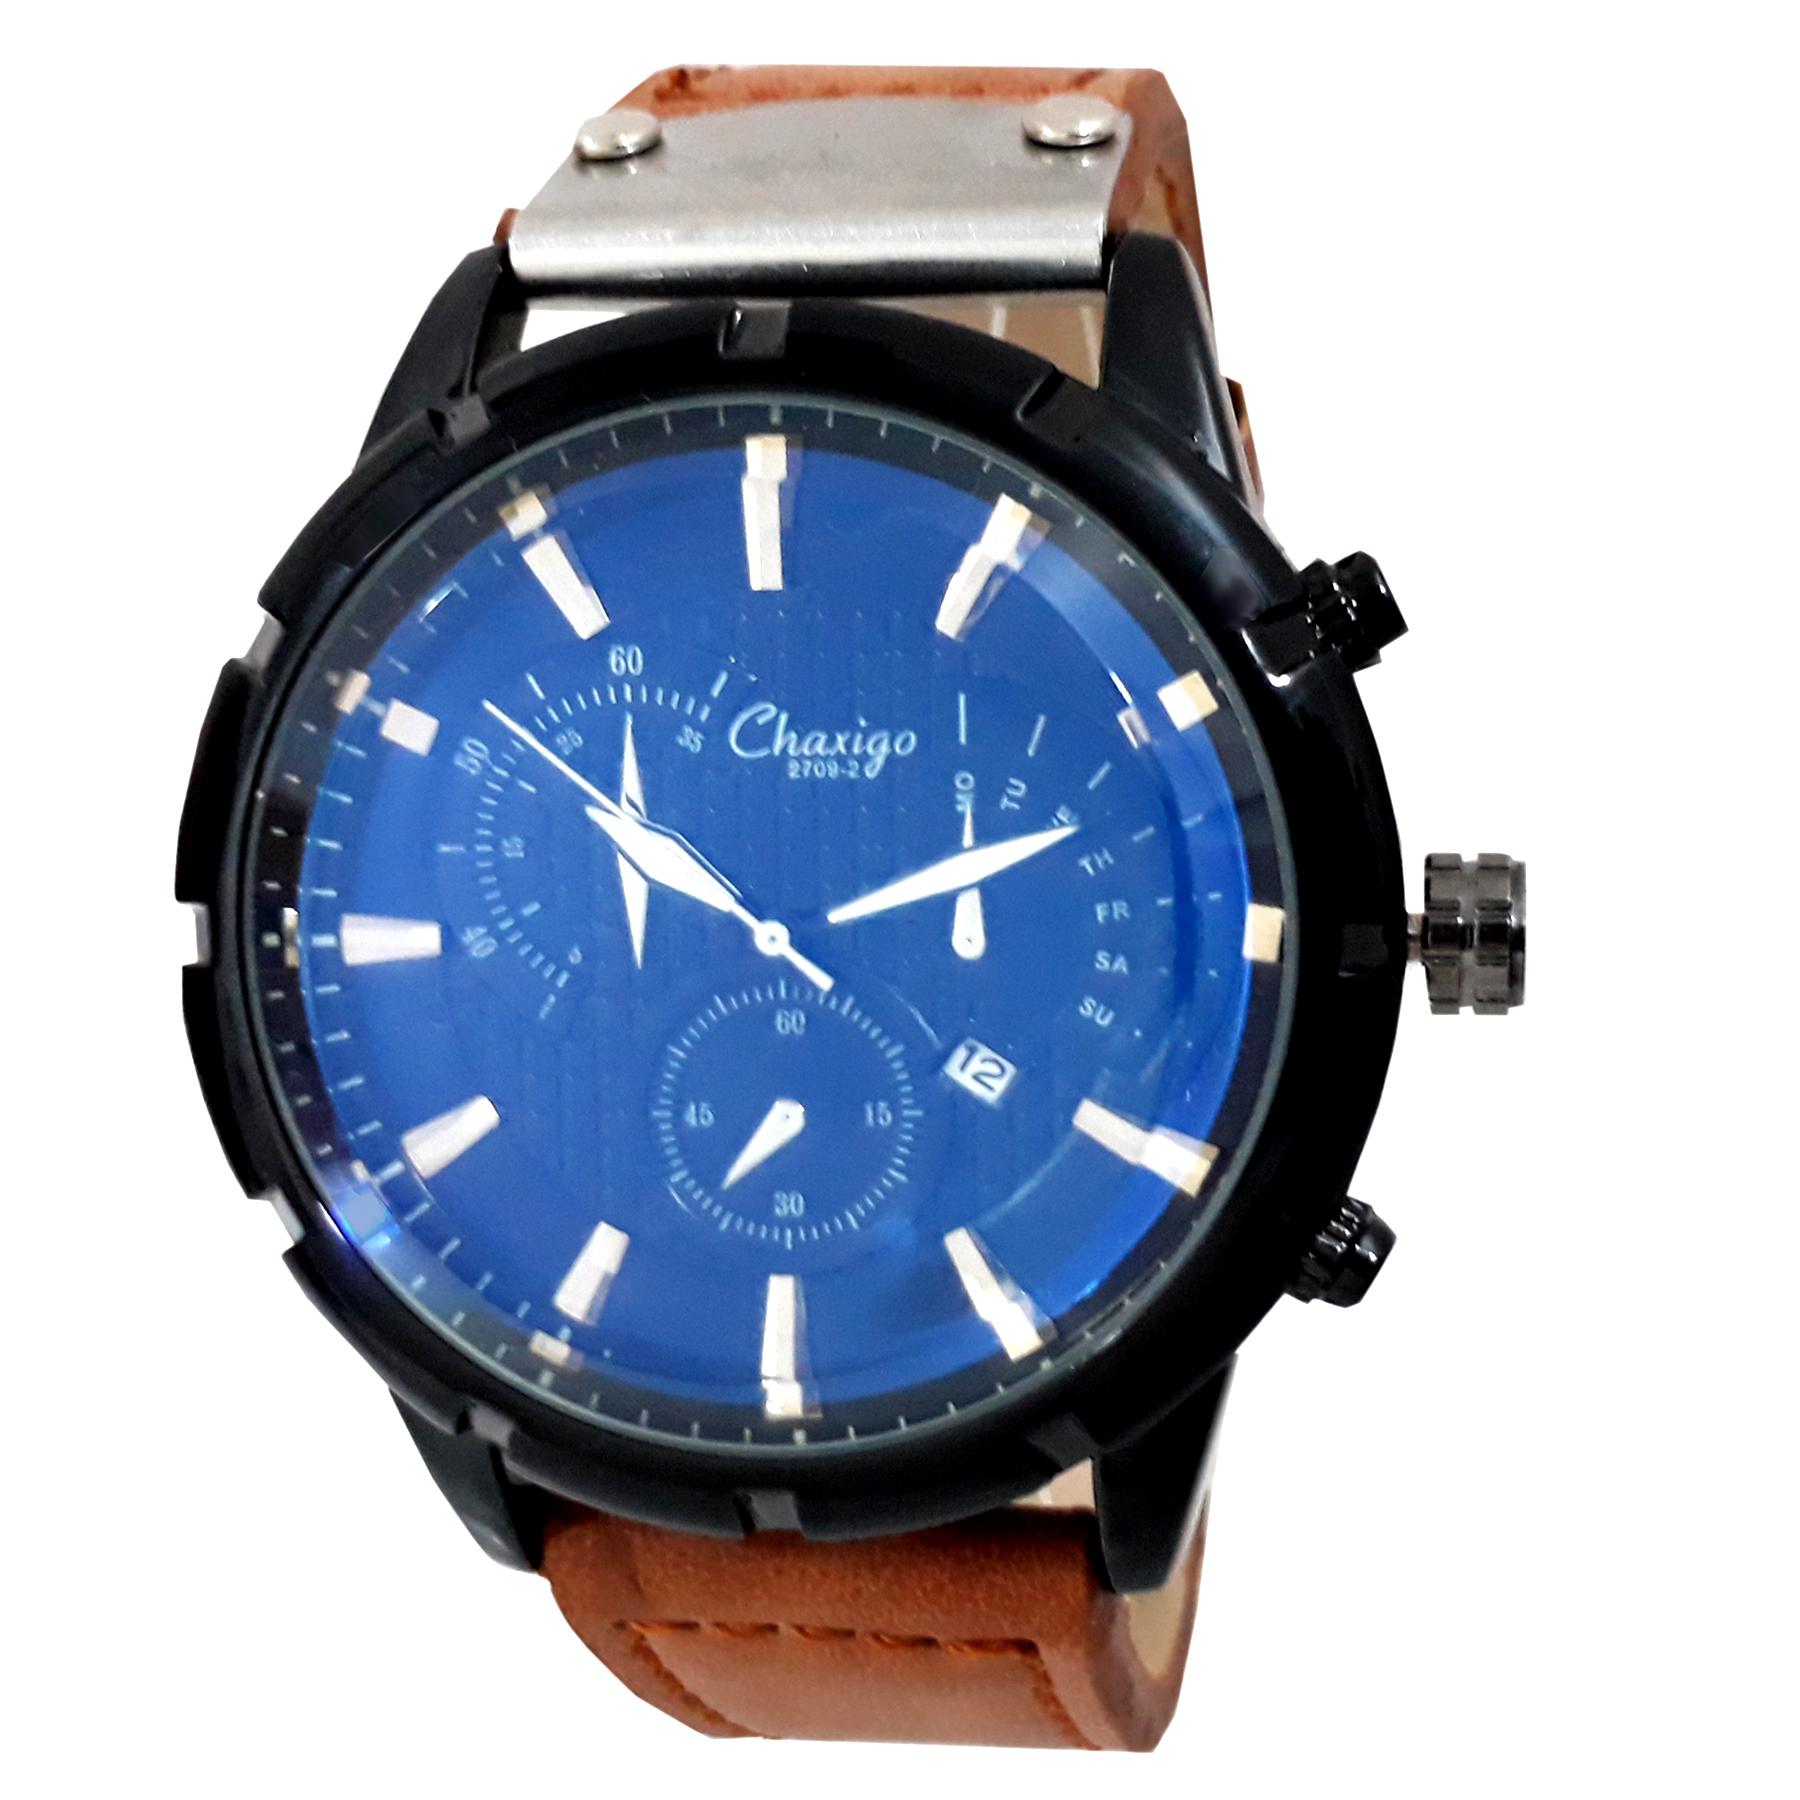 قیمت و خرید                      ساعت مچی عقربهای مردانه چاکسیگو مدل 2709-2 کد s500